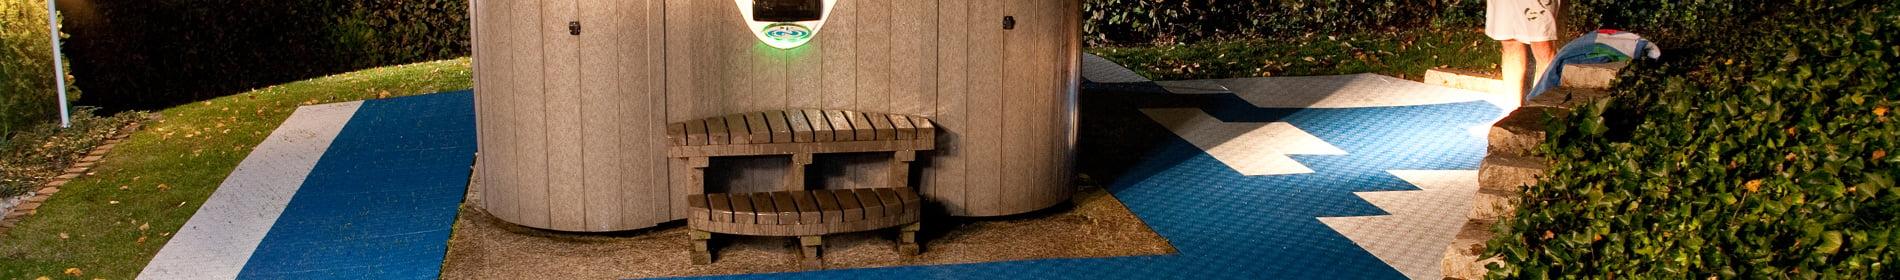 dalles de sol pour piscine polydal qualit suisse. Black Bedroom Furniture Sets. Home Design Ideas